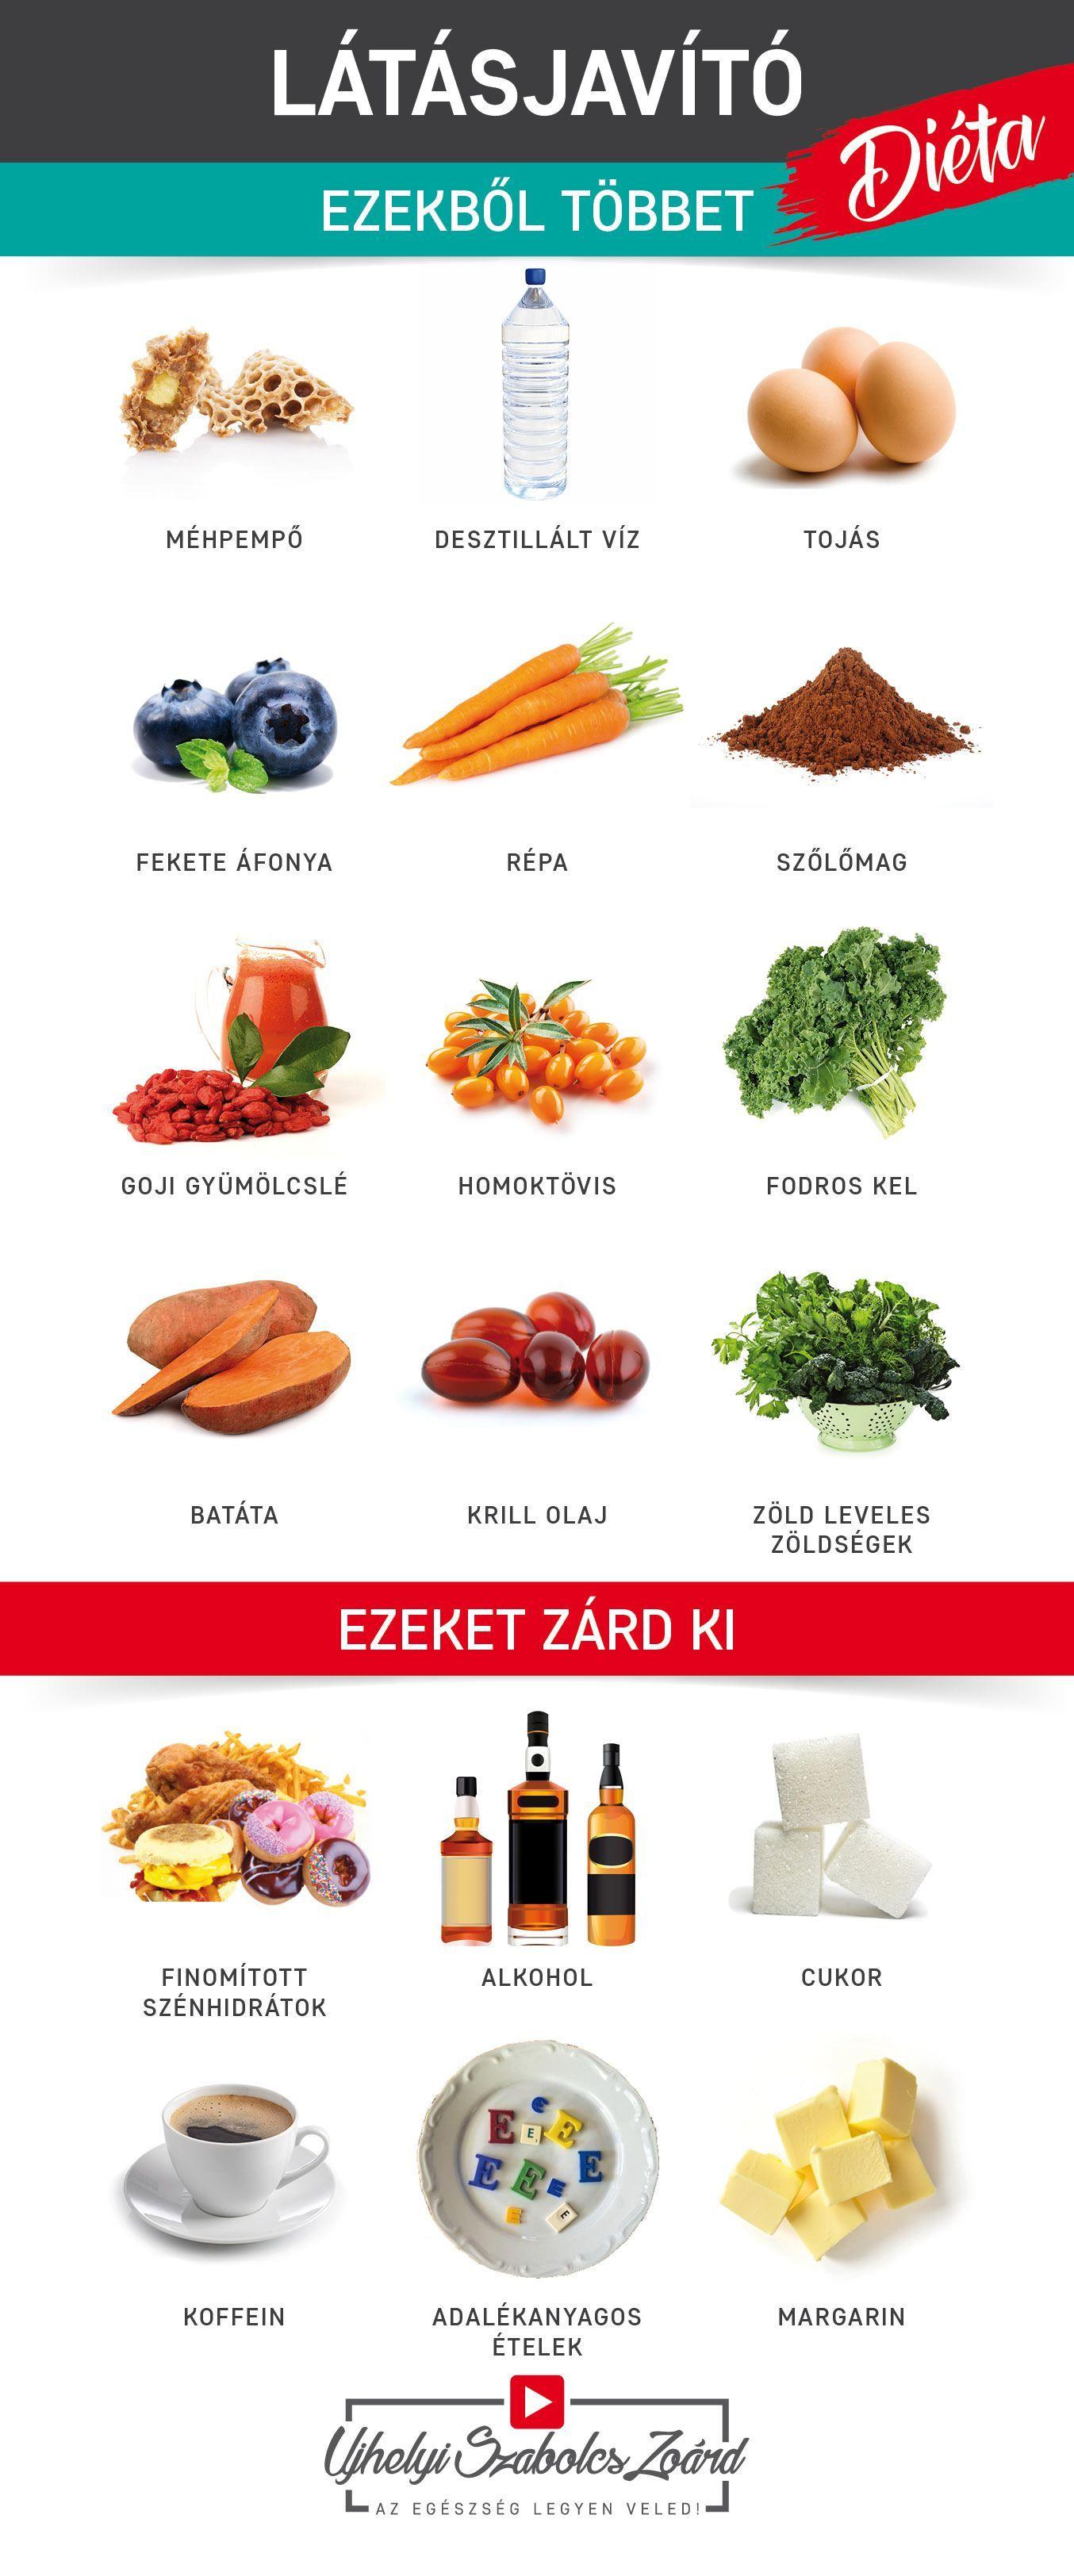 zuii.hu - Látás és táplálkozás: Léteznek szemjavító ételek?